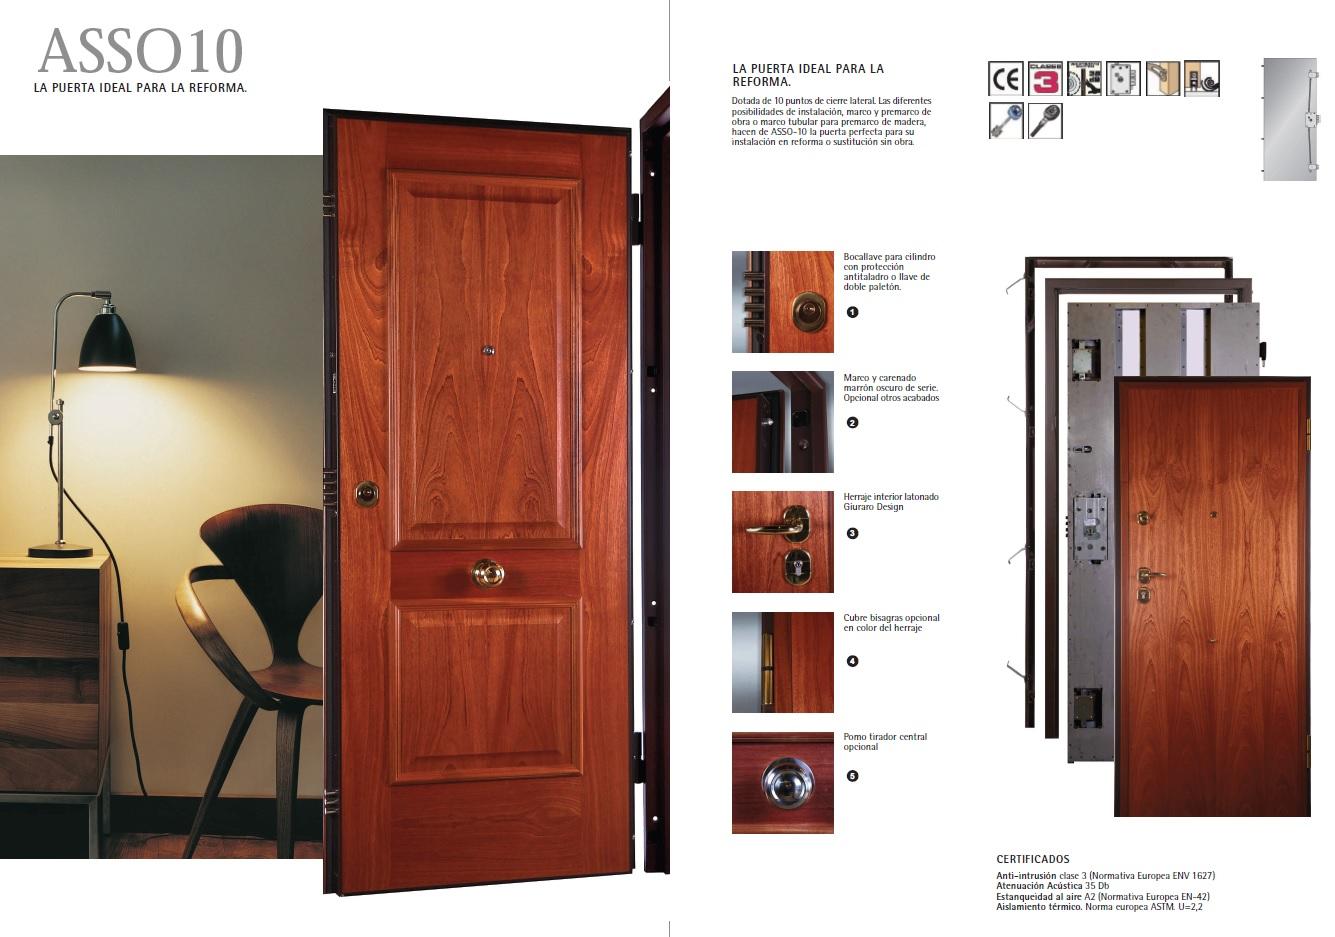 Puerta acorazada asso 10 dierre especial entrada a for Puerta entrada vivienda